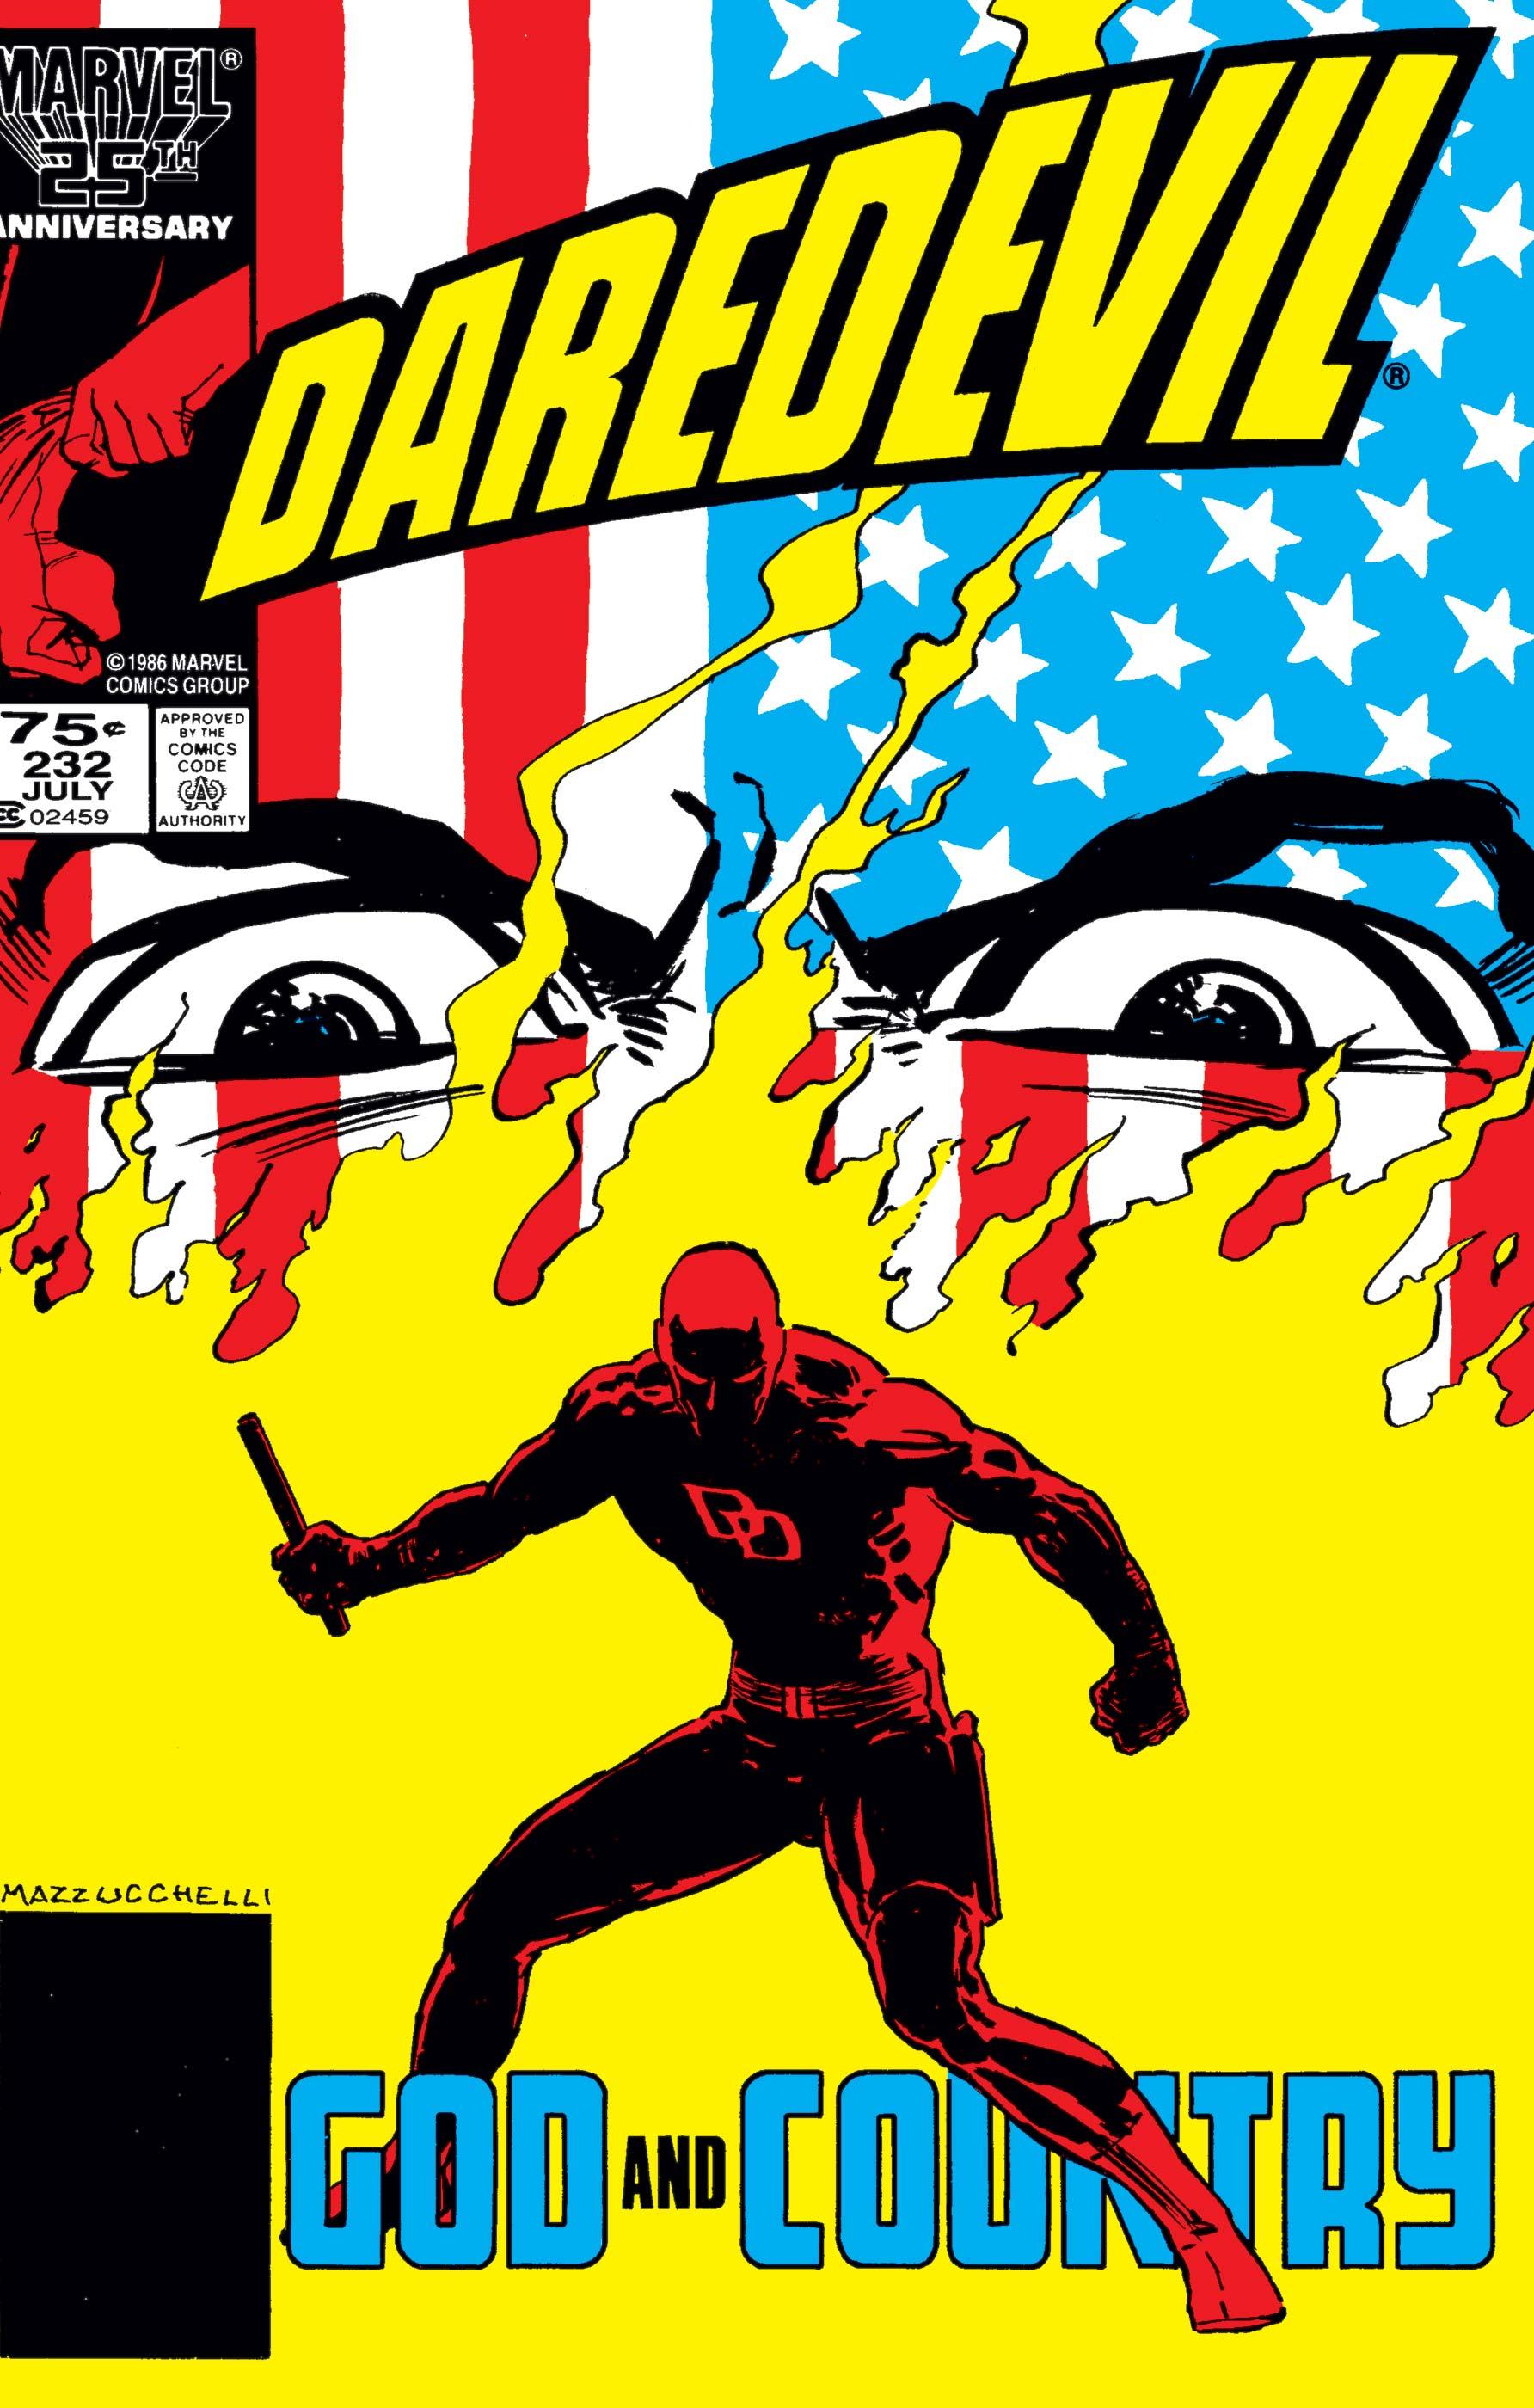 Daredevil (1964) #232